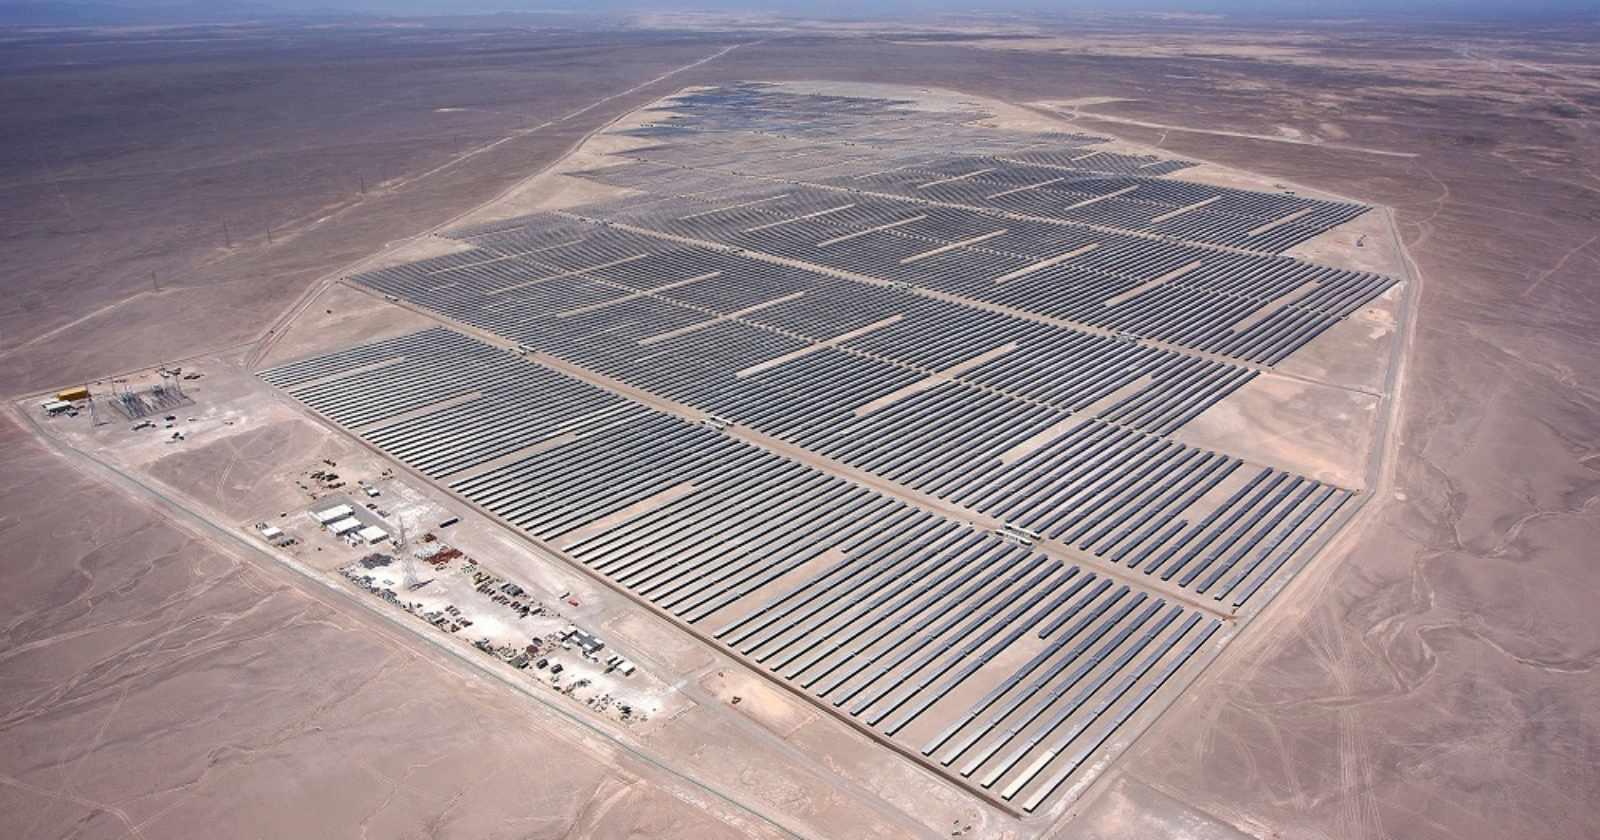 Inician construcción de la segunda etapa del parque fotovoltaico Finis Terrae en la Región de Antofagasta